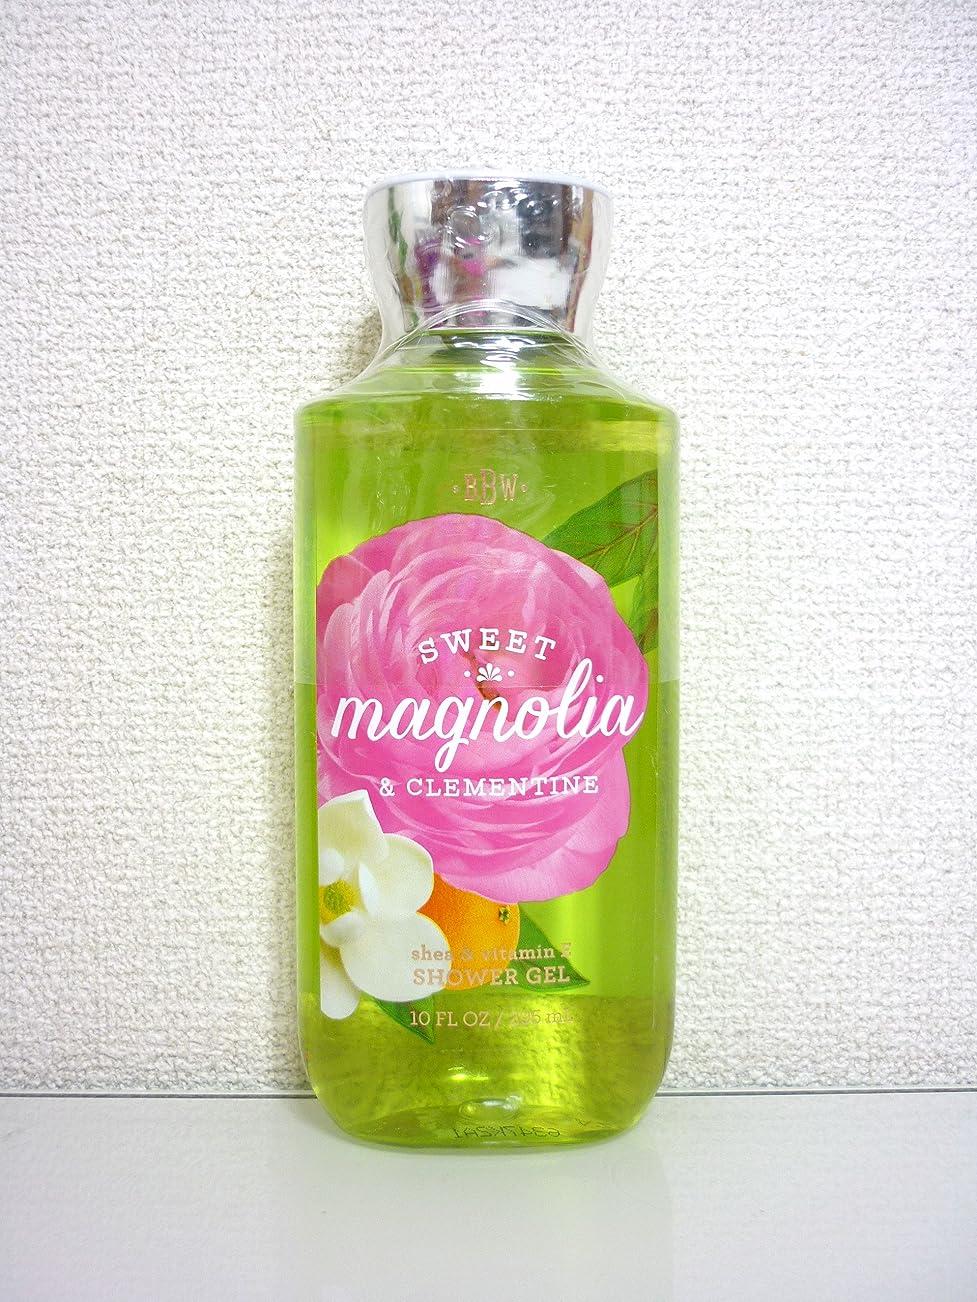 愛されし者不名誉靄【Bath&Body Works/バス&ボディワークス】 シャワージェル スイートマグノリア&クレメンタイン Shower Gel Sweet Magnolia & Clementine 10 fl oz / 295 mL [並行輸入品]